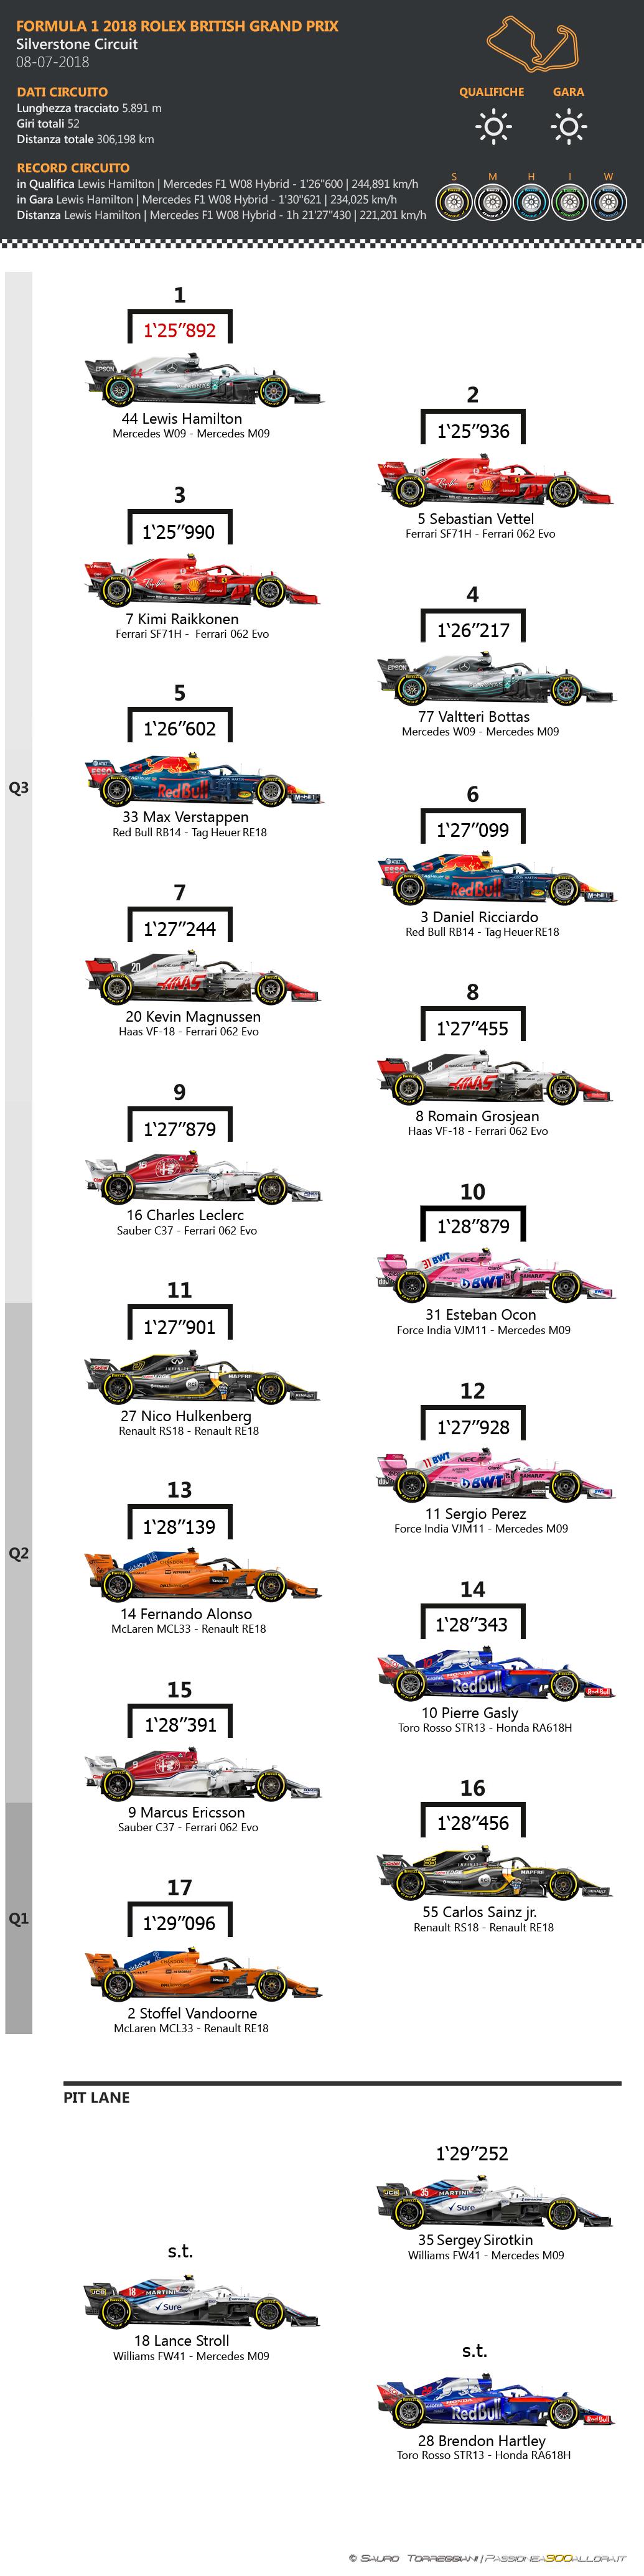 F1 | Gran Premio di Gran Bretagna 2018: griglia di partenza, penalità, set a disposizione 1